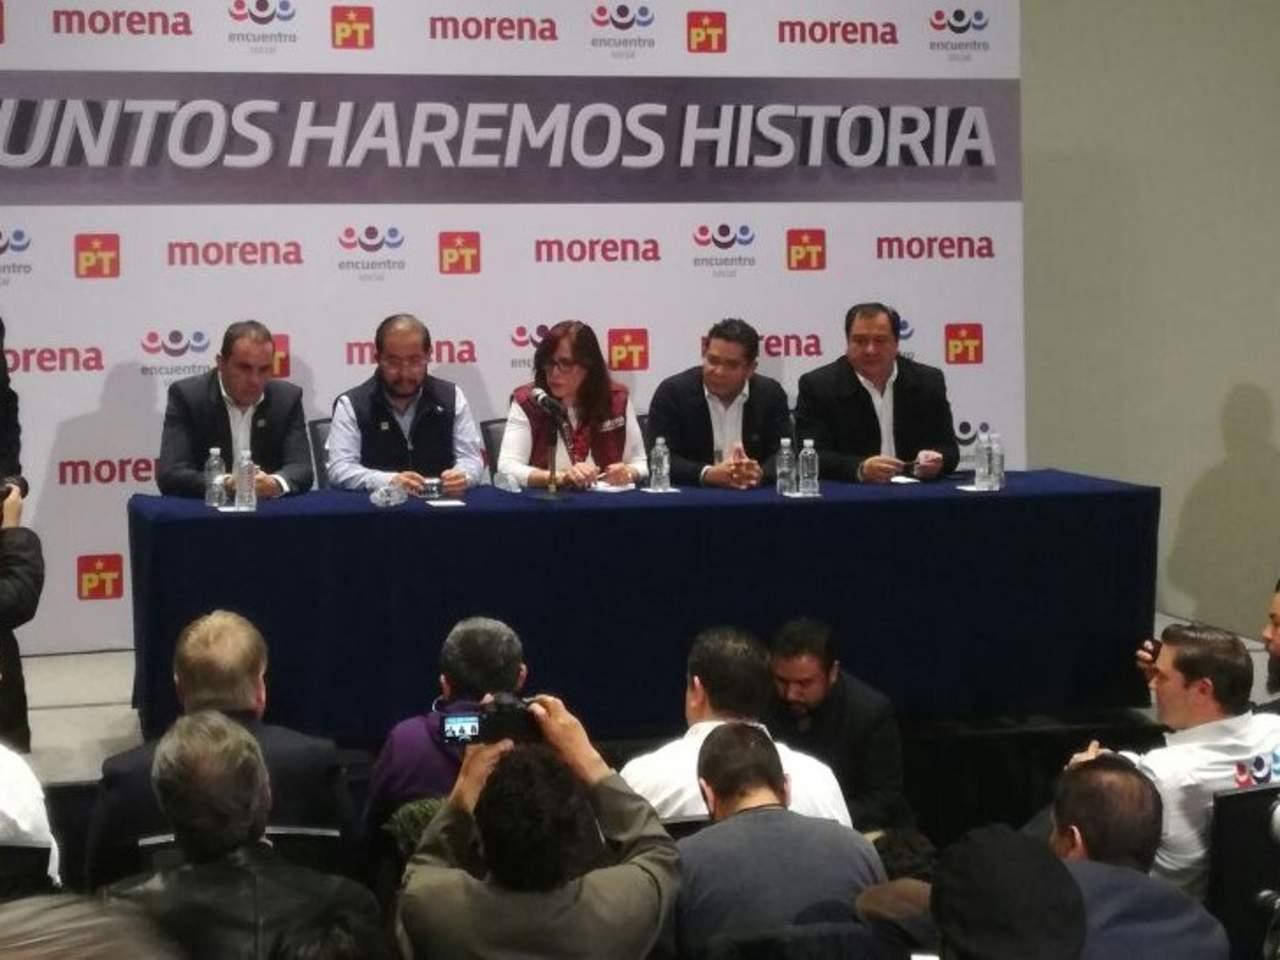 Con encuesta definirán candidato de Juntos Haremos Historia en Morelos. Noticias en tiempo real